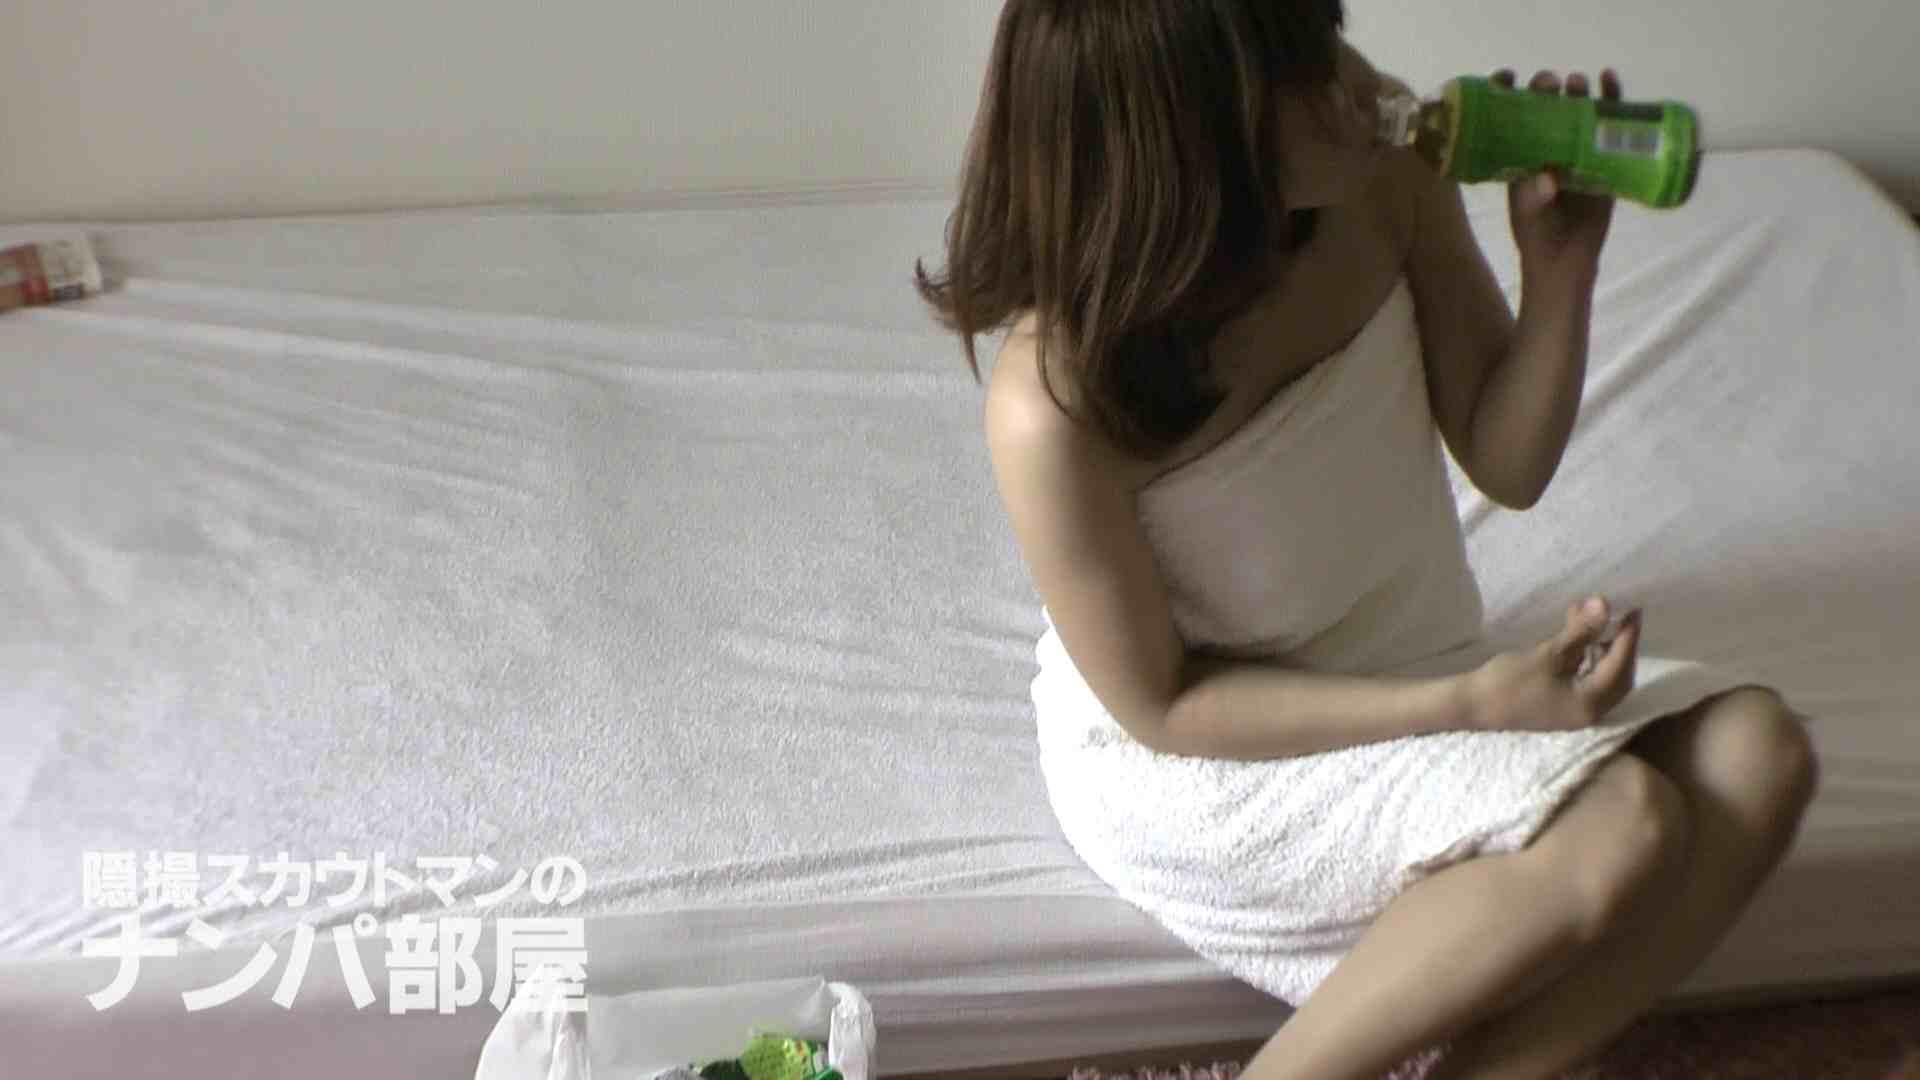 隠撮スカウトマンのナンパ部屋~風俗デビュー前のつまみ食い~ sii 隠撮  98pic 54